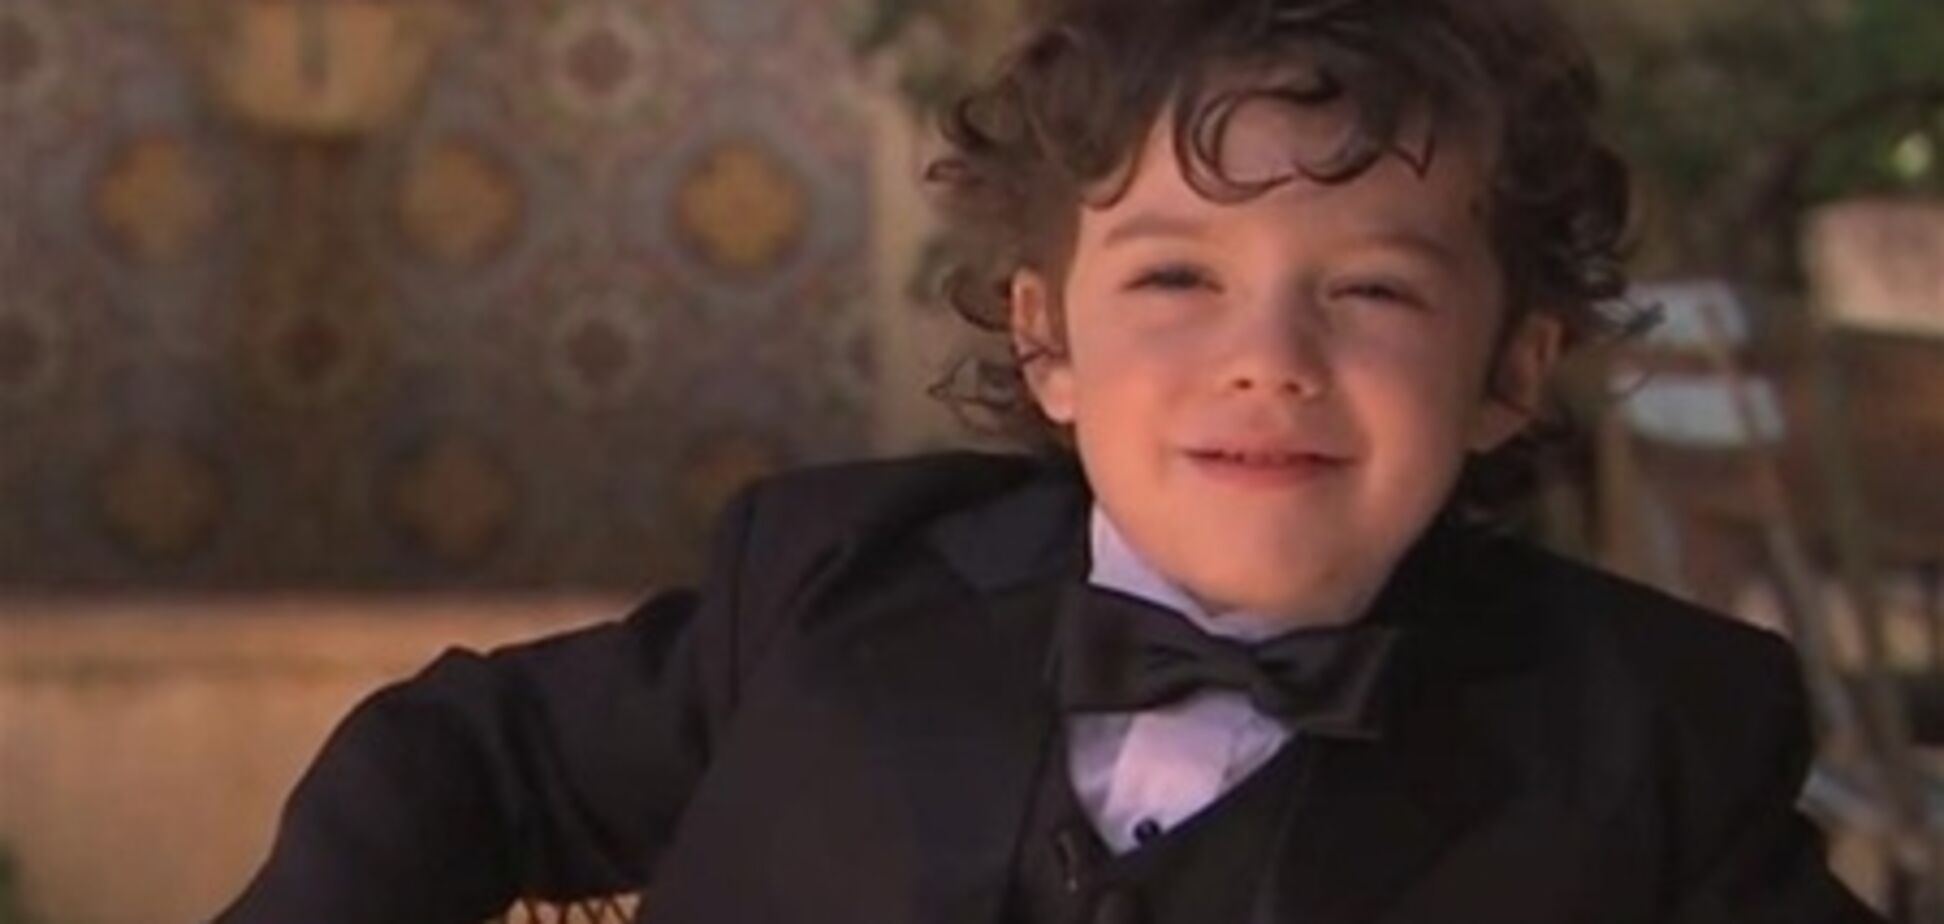 В США главным героем шоу 'Холостяк' стал 4-летний мальчик